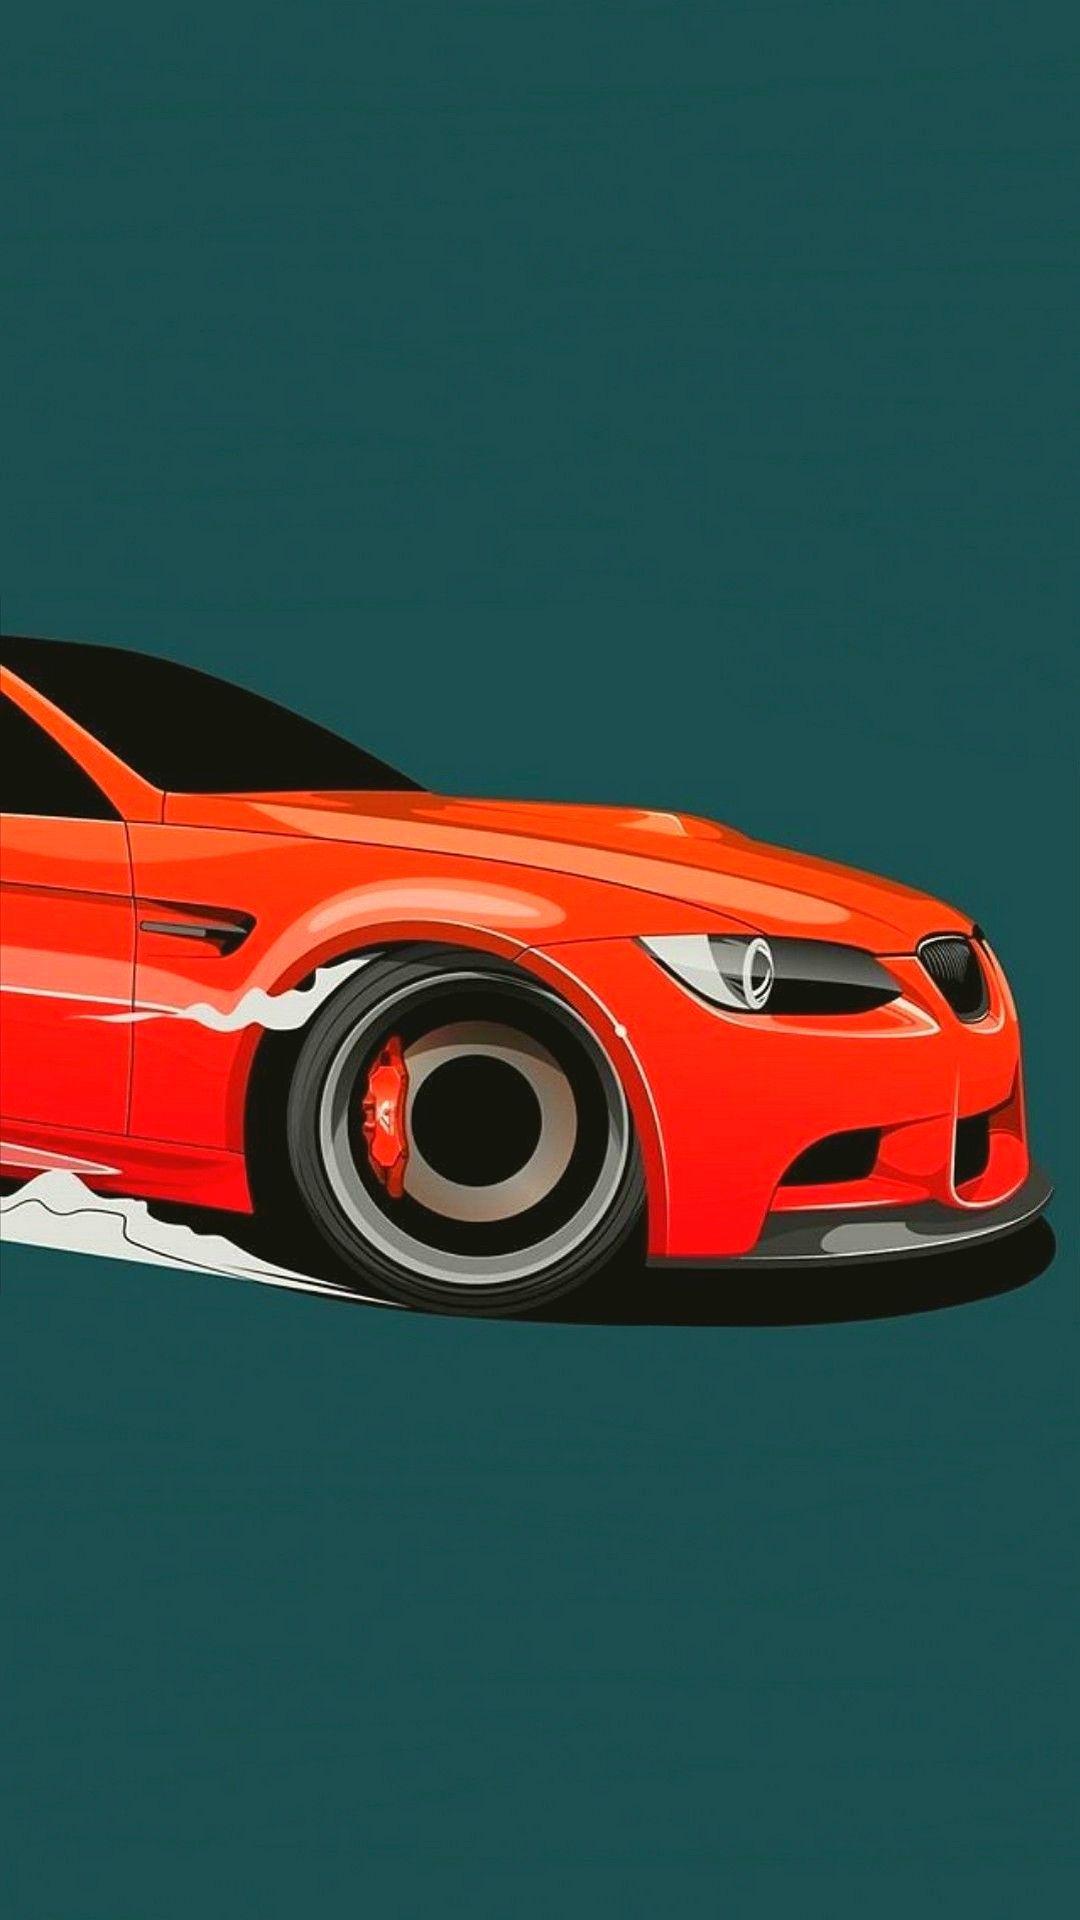 Car Minimalist Wallpaper 1080x1920 Car Iphone Wallpaper Bmw Cars Bmw